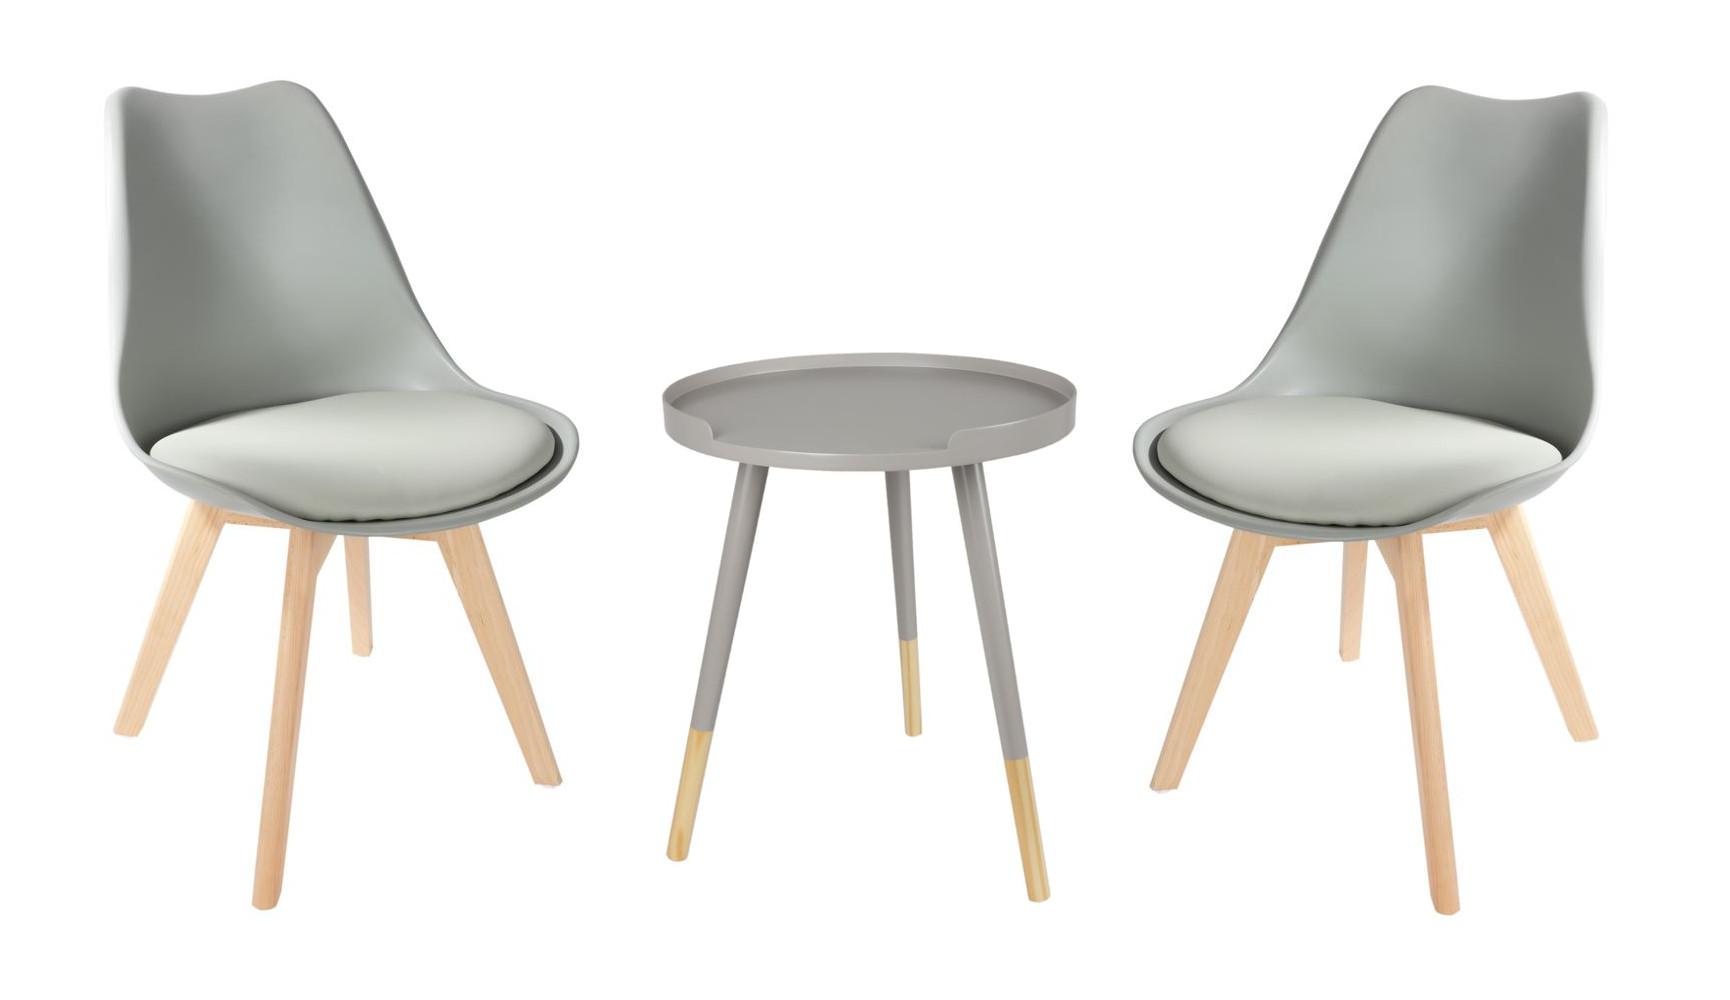 Faszinierend Schalenstuhl Gepolstert Sammlung Von Sitzgruppe Grau Beistelltisch Set Tabletttisch Esszimmerstuhl Deko